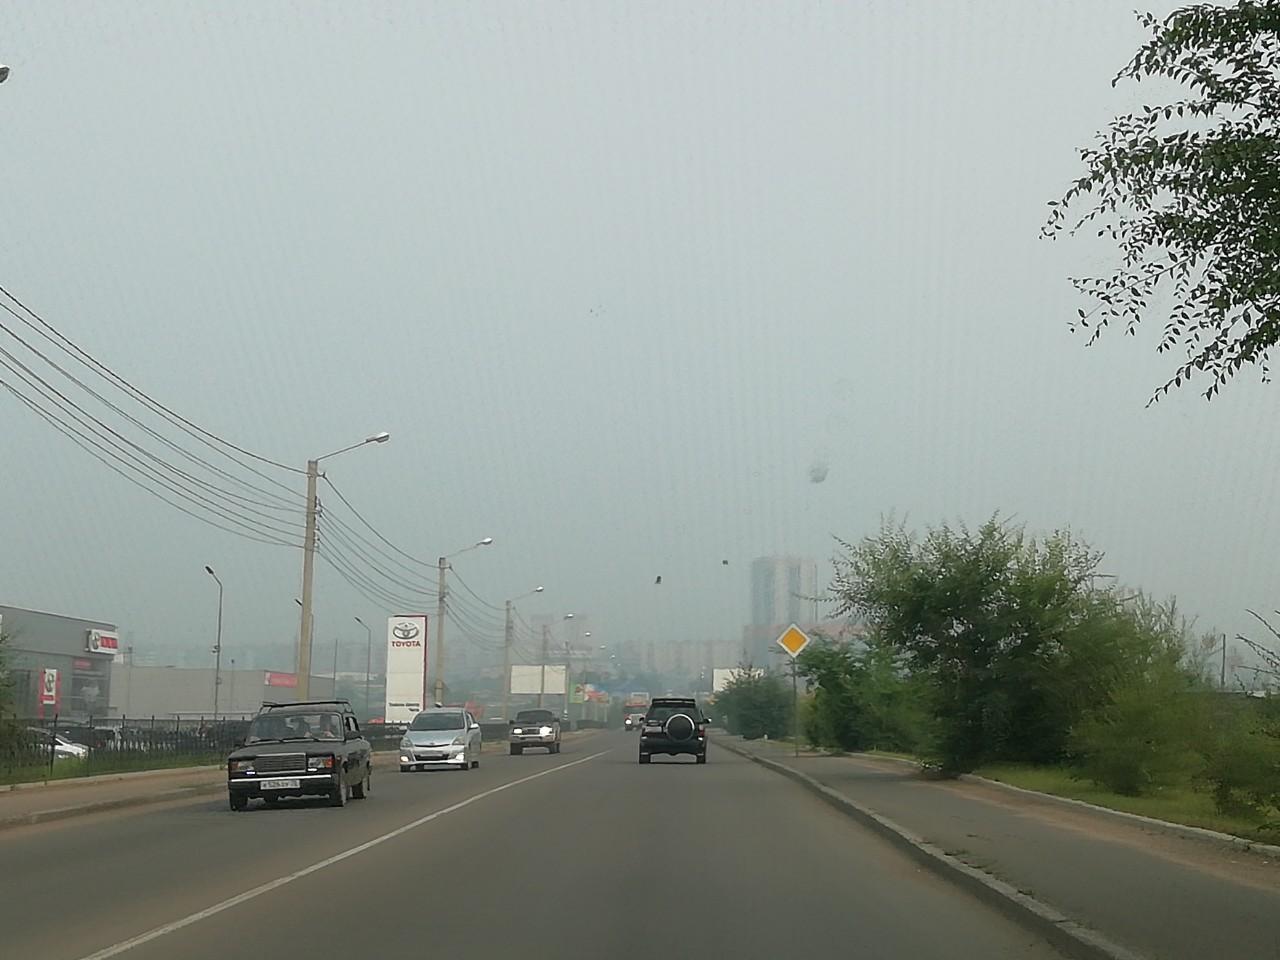 Плохая видимость на дорогах города из-за сильного задымления. Чита, 1 августа.